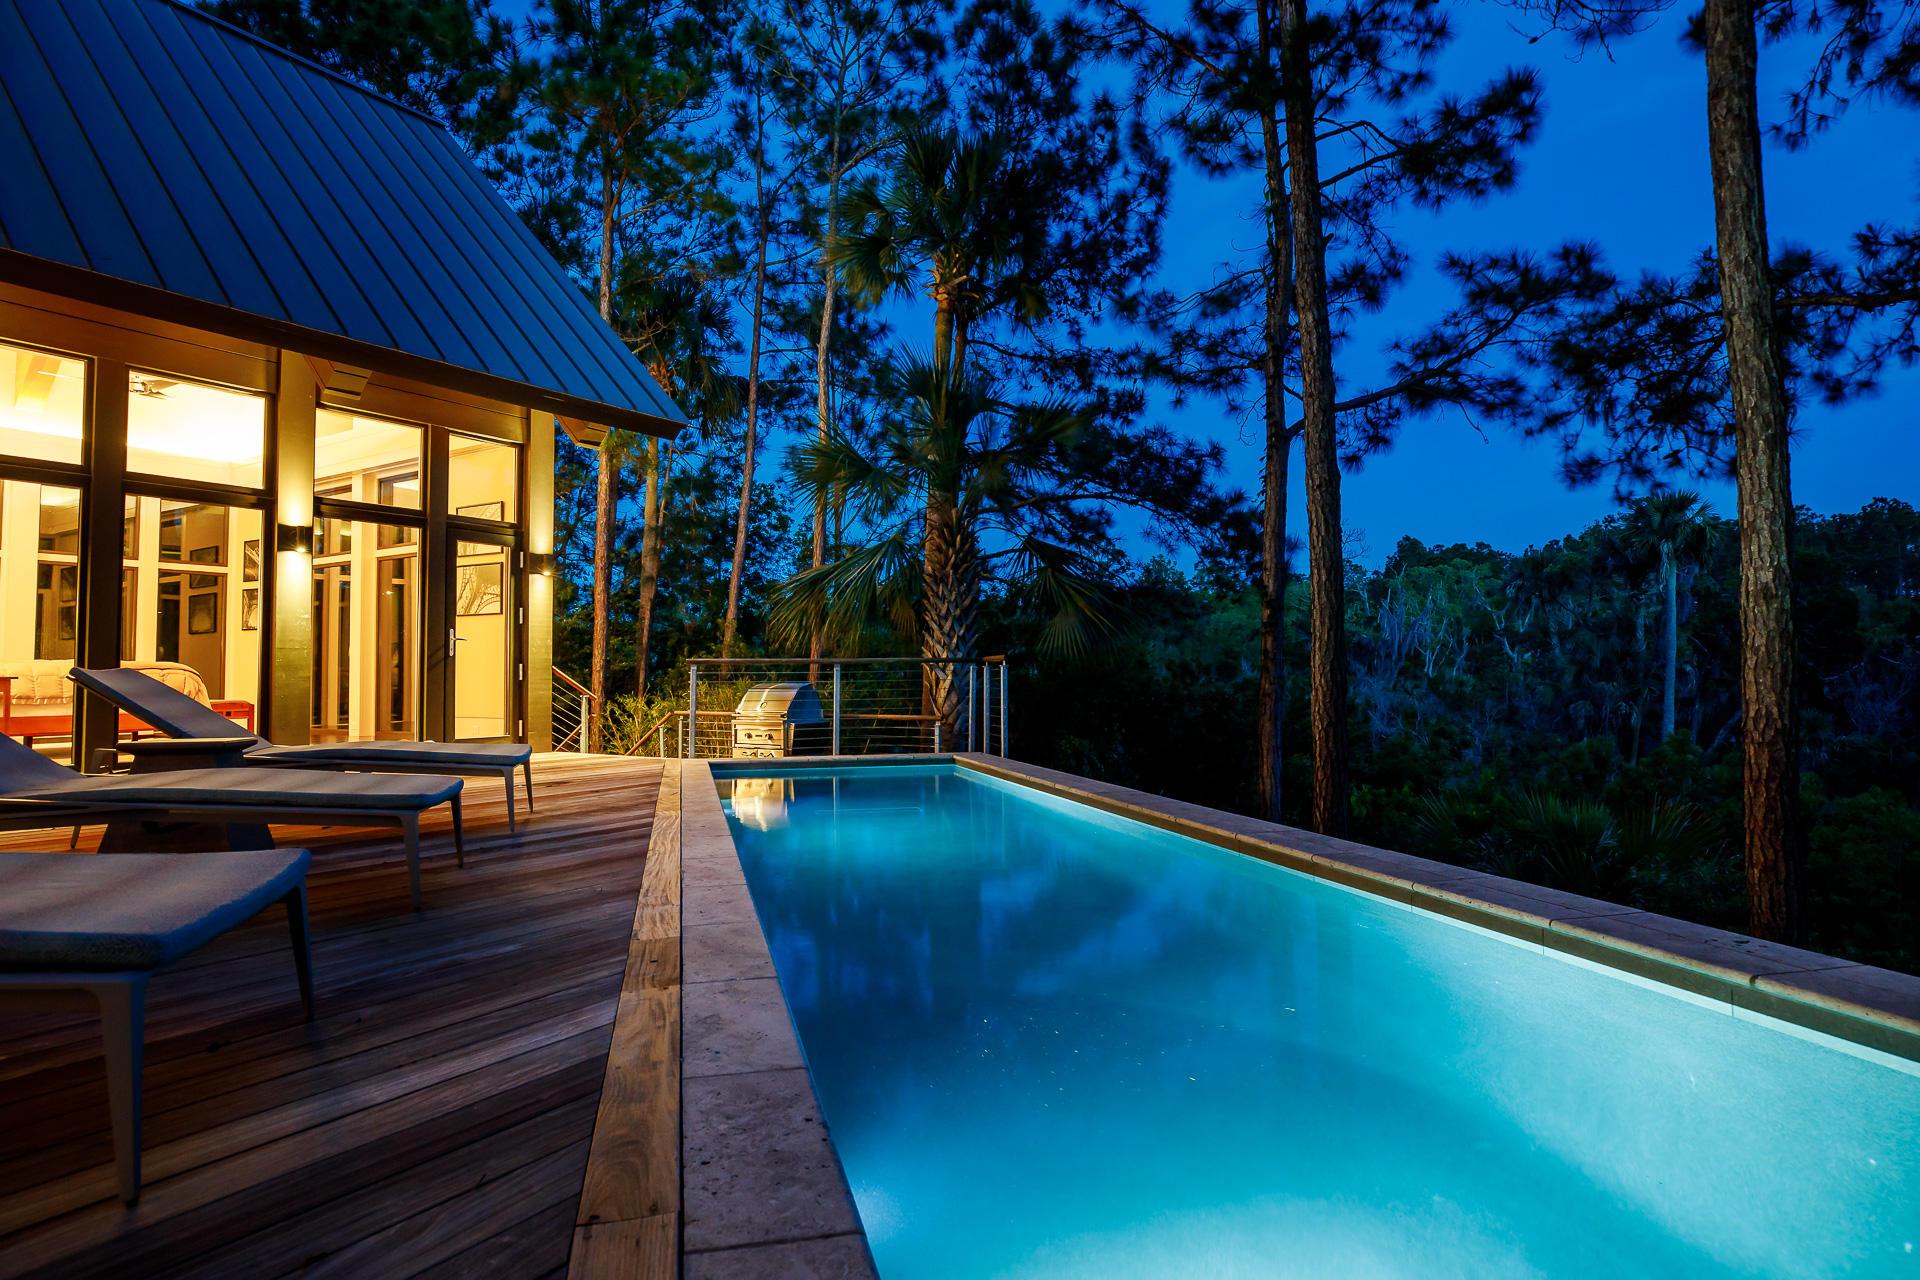 Kiawah Island Homes For Sale - 102 Blue Heron Pond, Kiawah Island, SC - 19